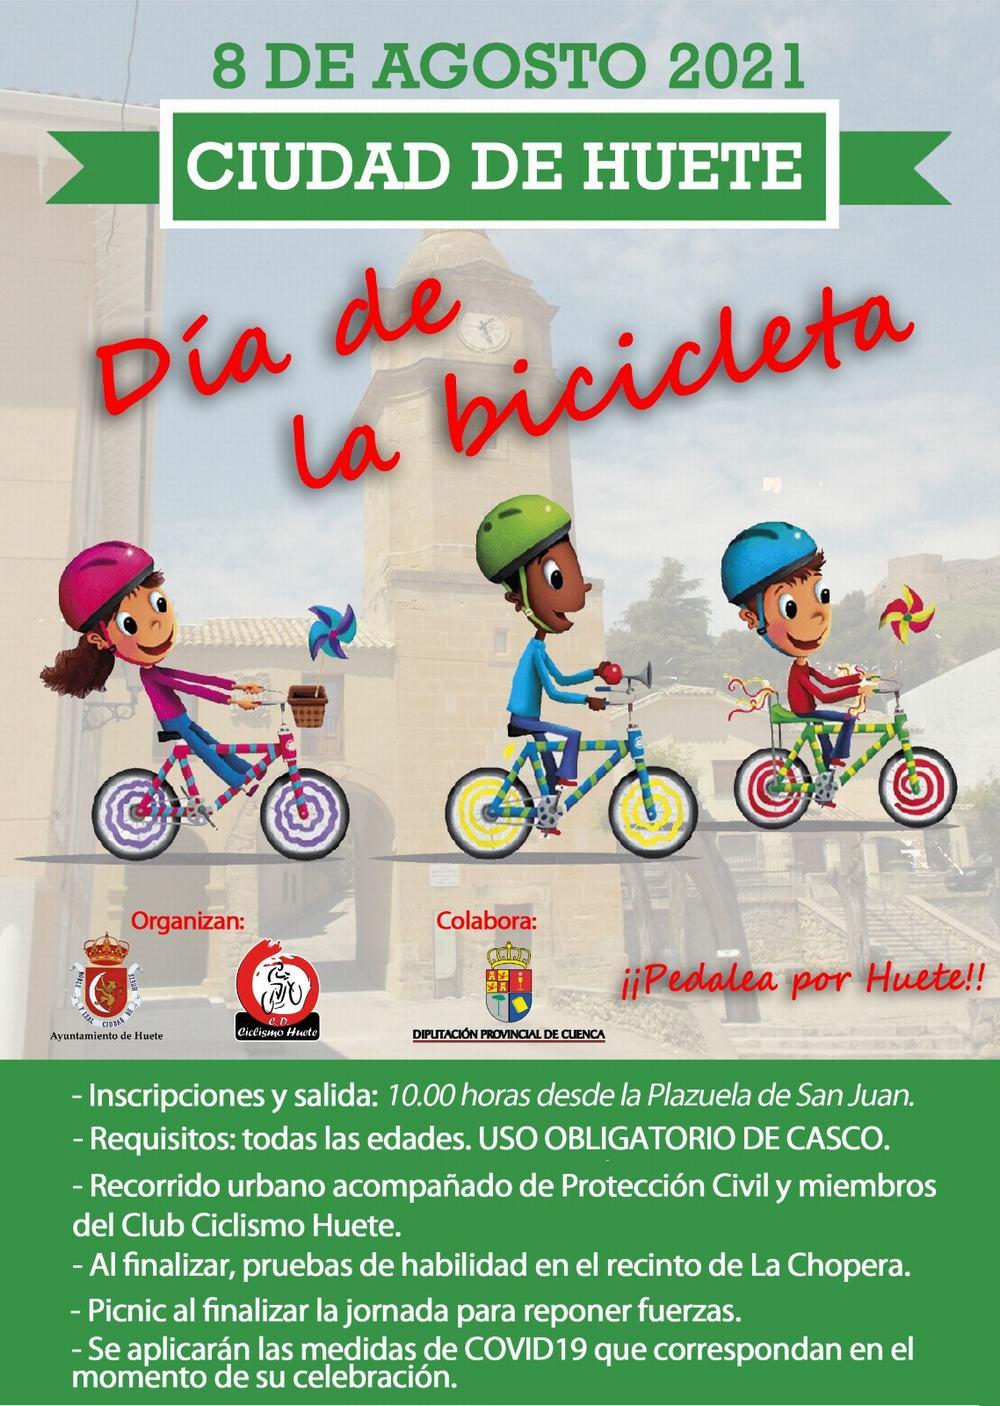 Huete celebra el Día de la Bici el 8 de agosto